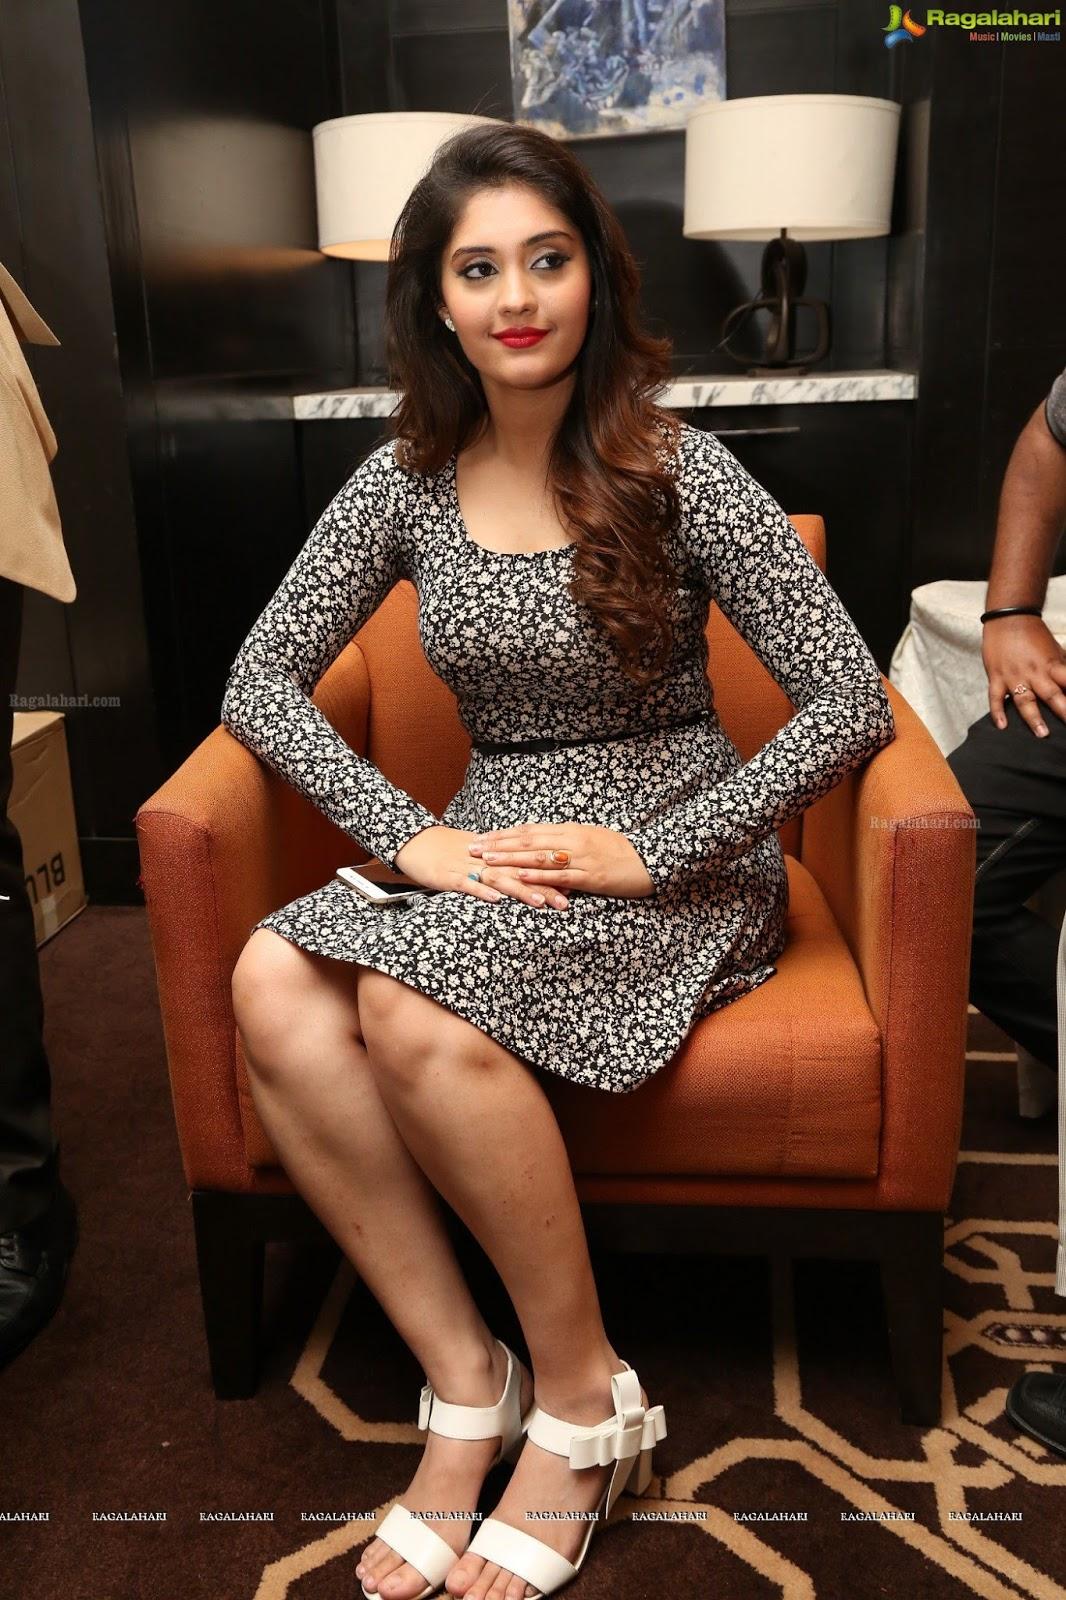 Surabhi Launching Vivo V5 Phone - South Indian Actress-6394